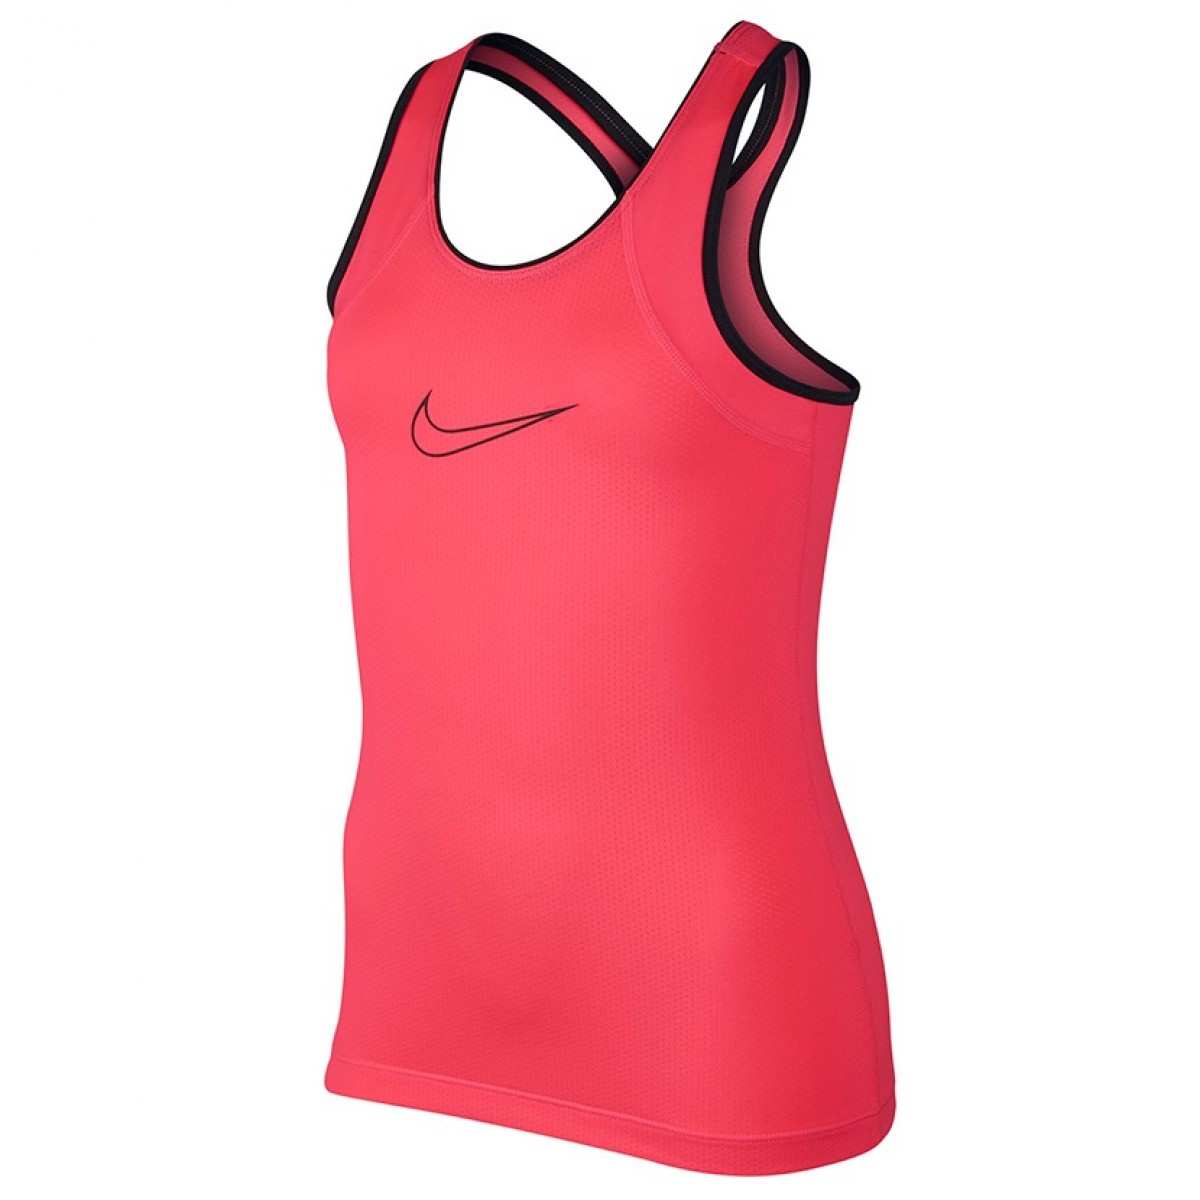 nike-pro-girls-pink-training-tank-top-1.jpg